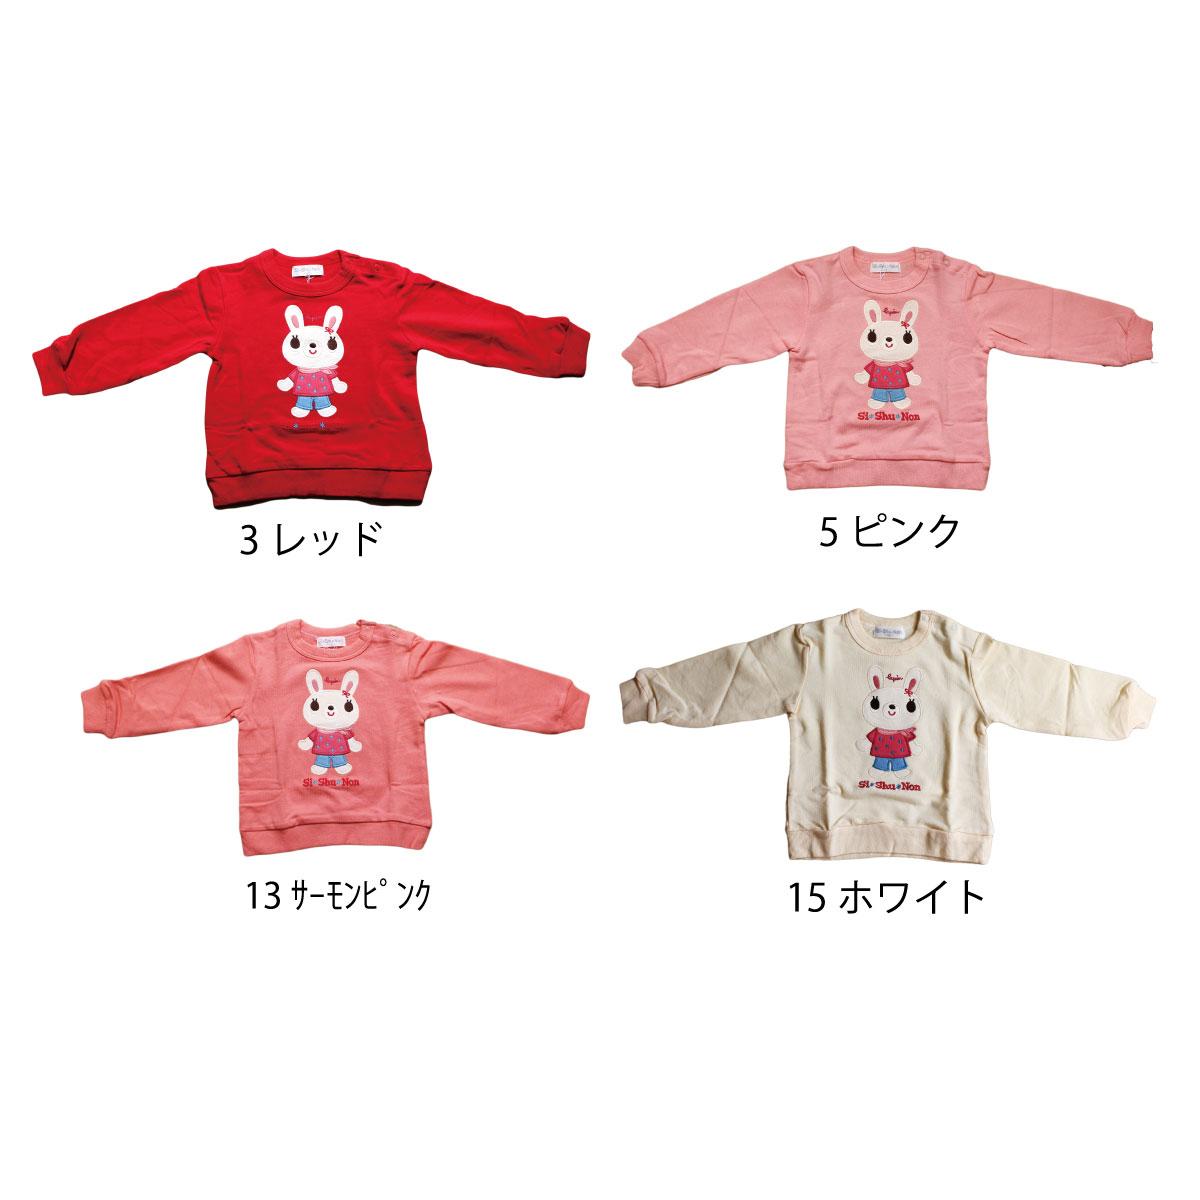 【セール】【ネコポス対応】【SiShuNon/シシュノン】定番ウサギトレーナー トレーナー 動物 女の子 キッズ 刺繍 日本製 ウサギ 動物 ベビー